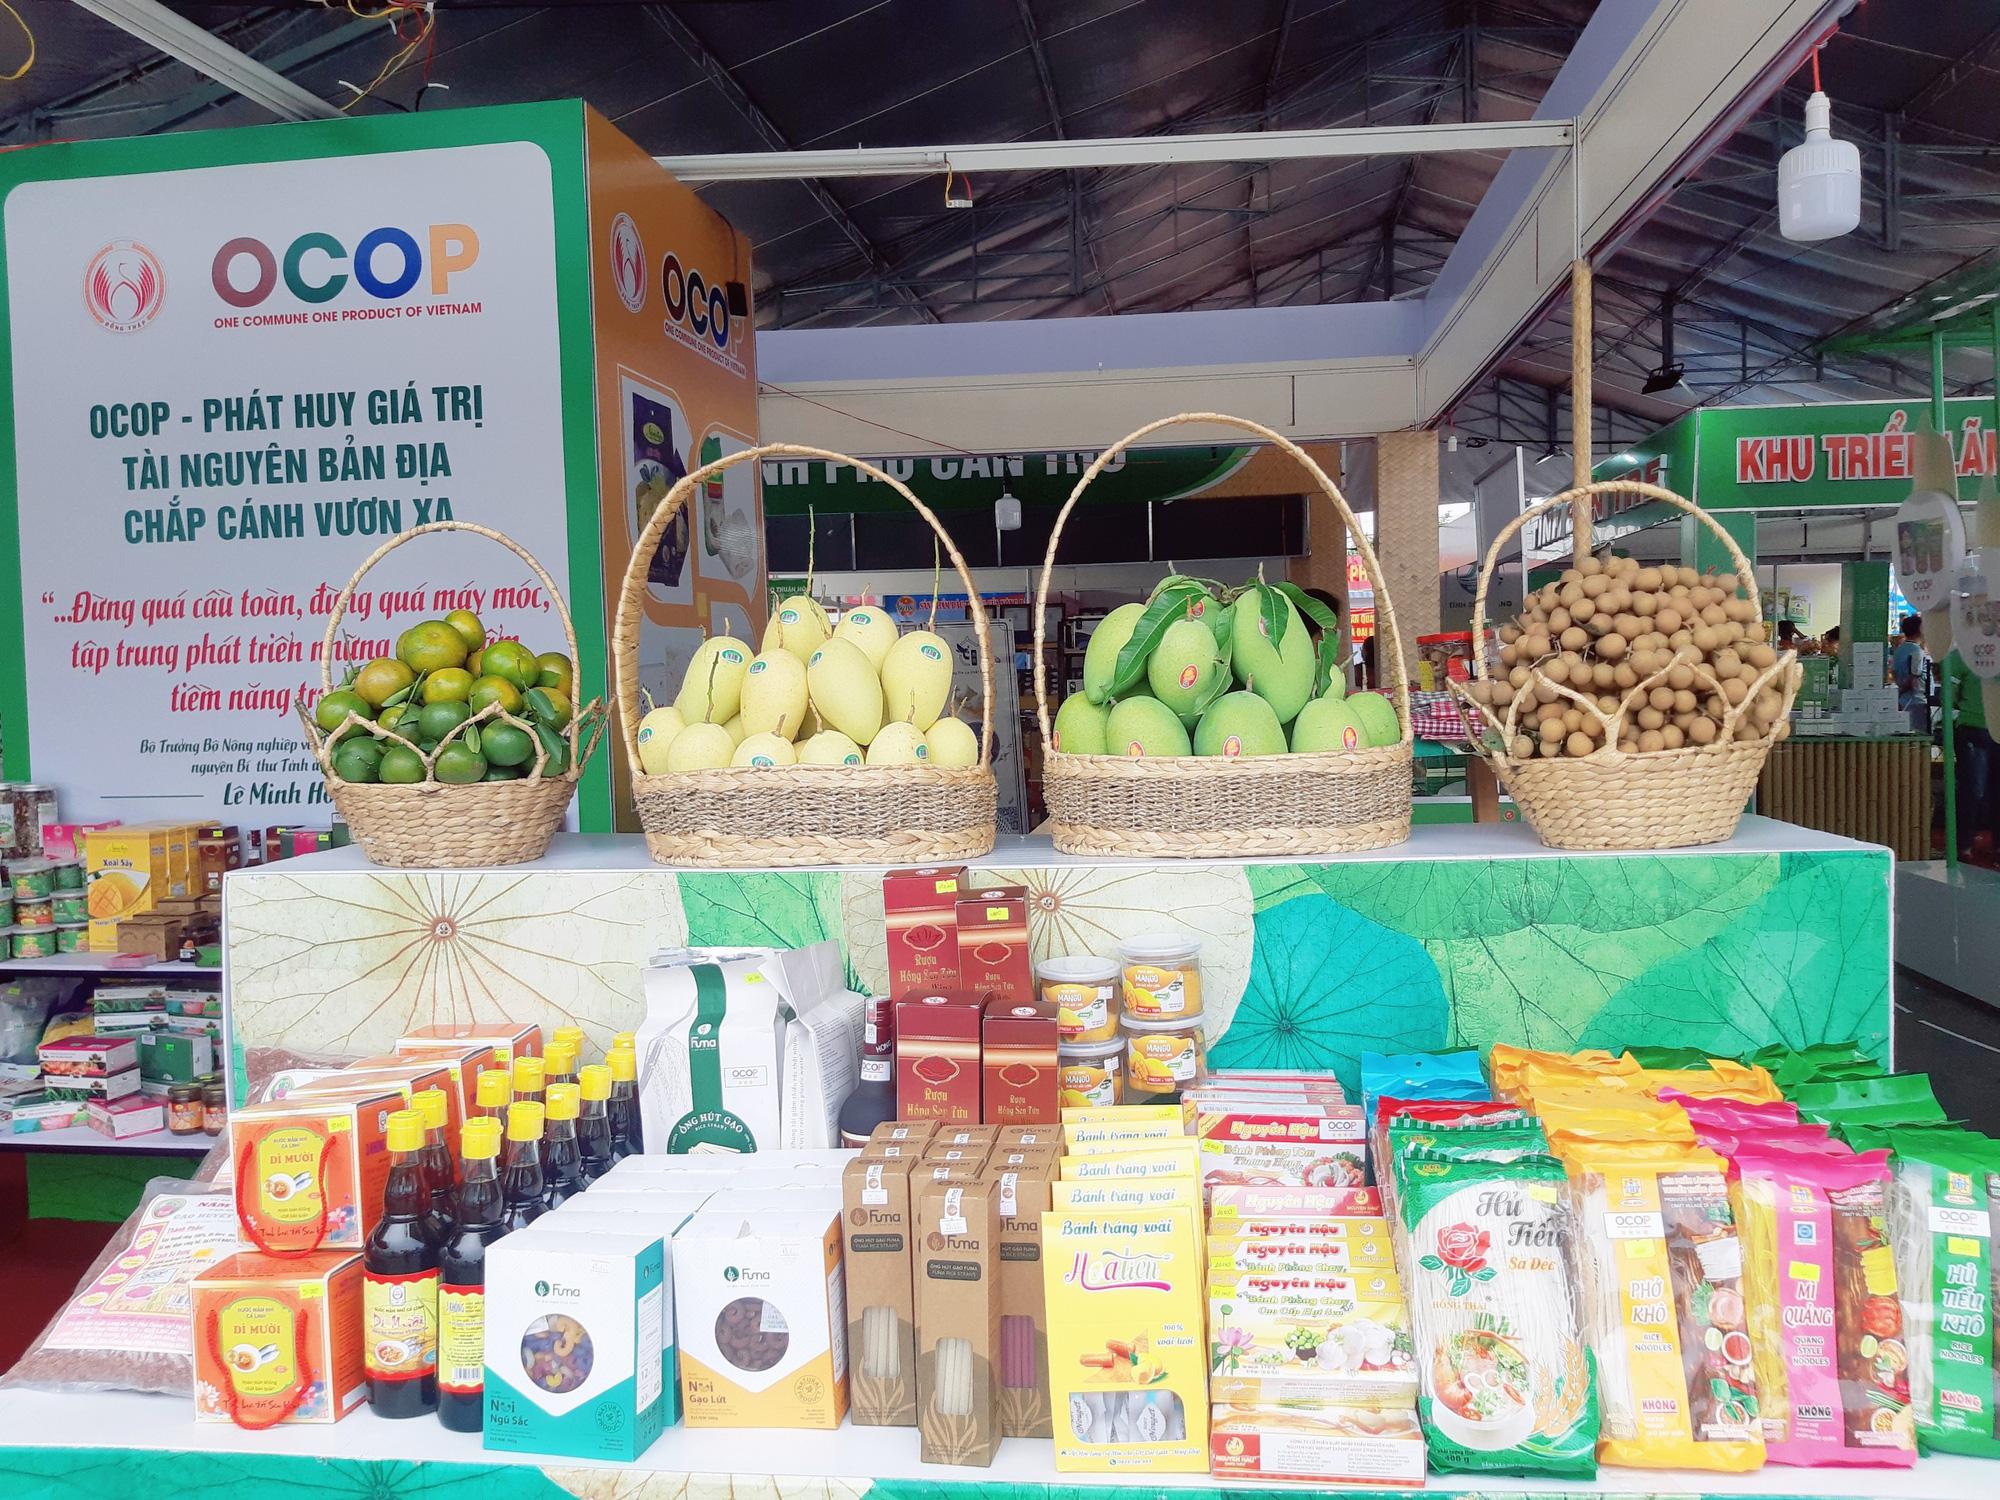 Sản phẩm OCOP 24 tỉnh, thành hội tụ tại Châu Đốc An Giang - Ảnh 16.